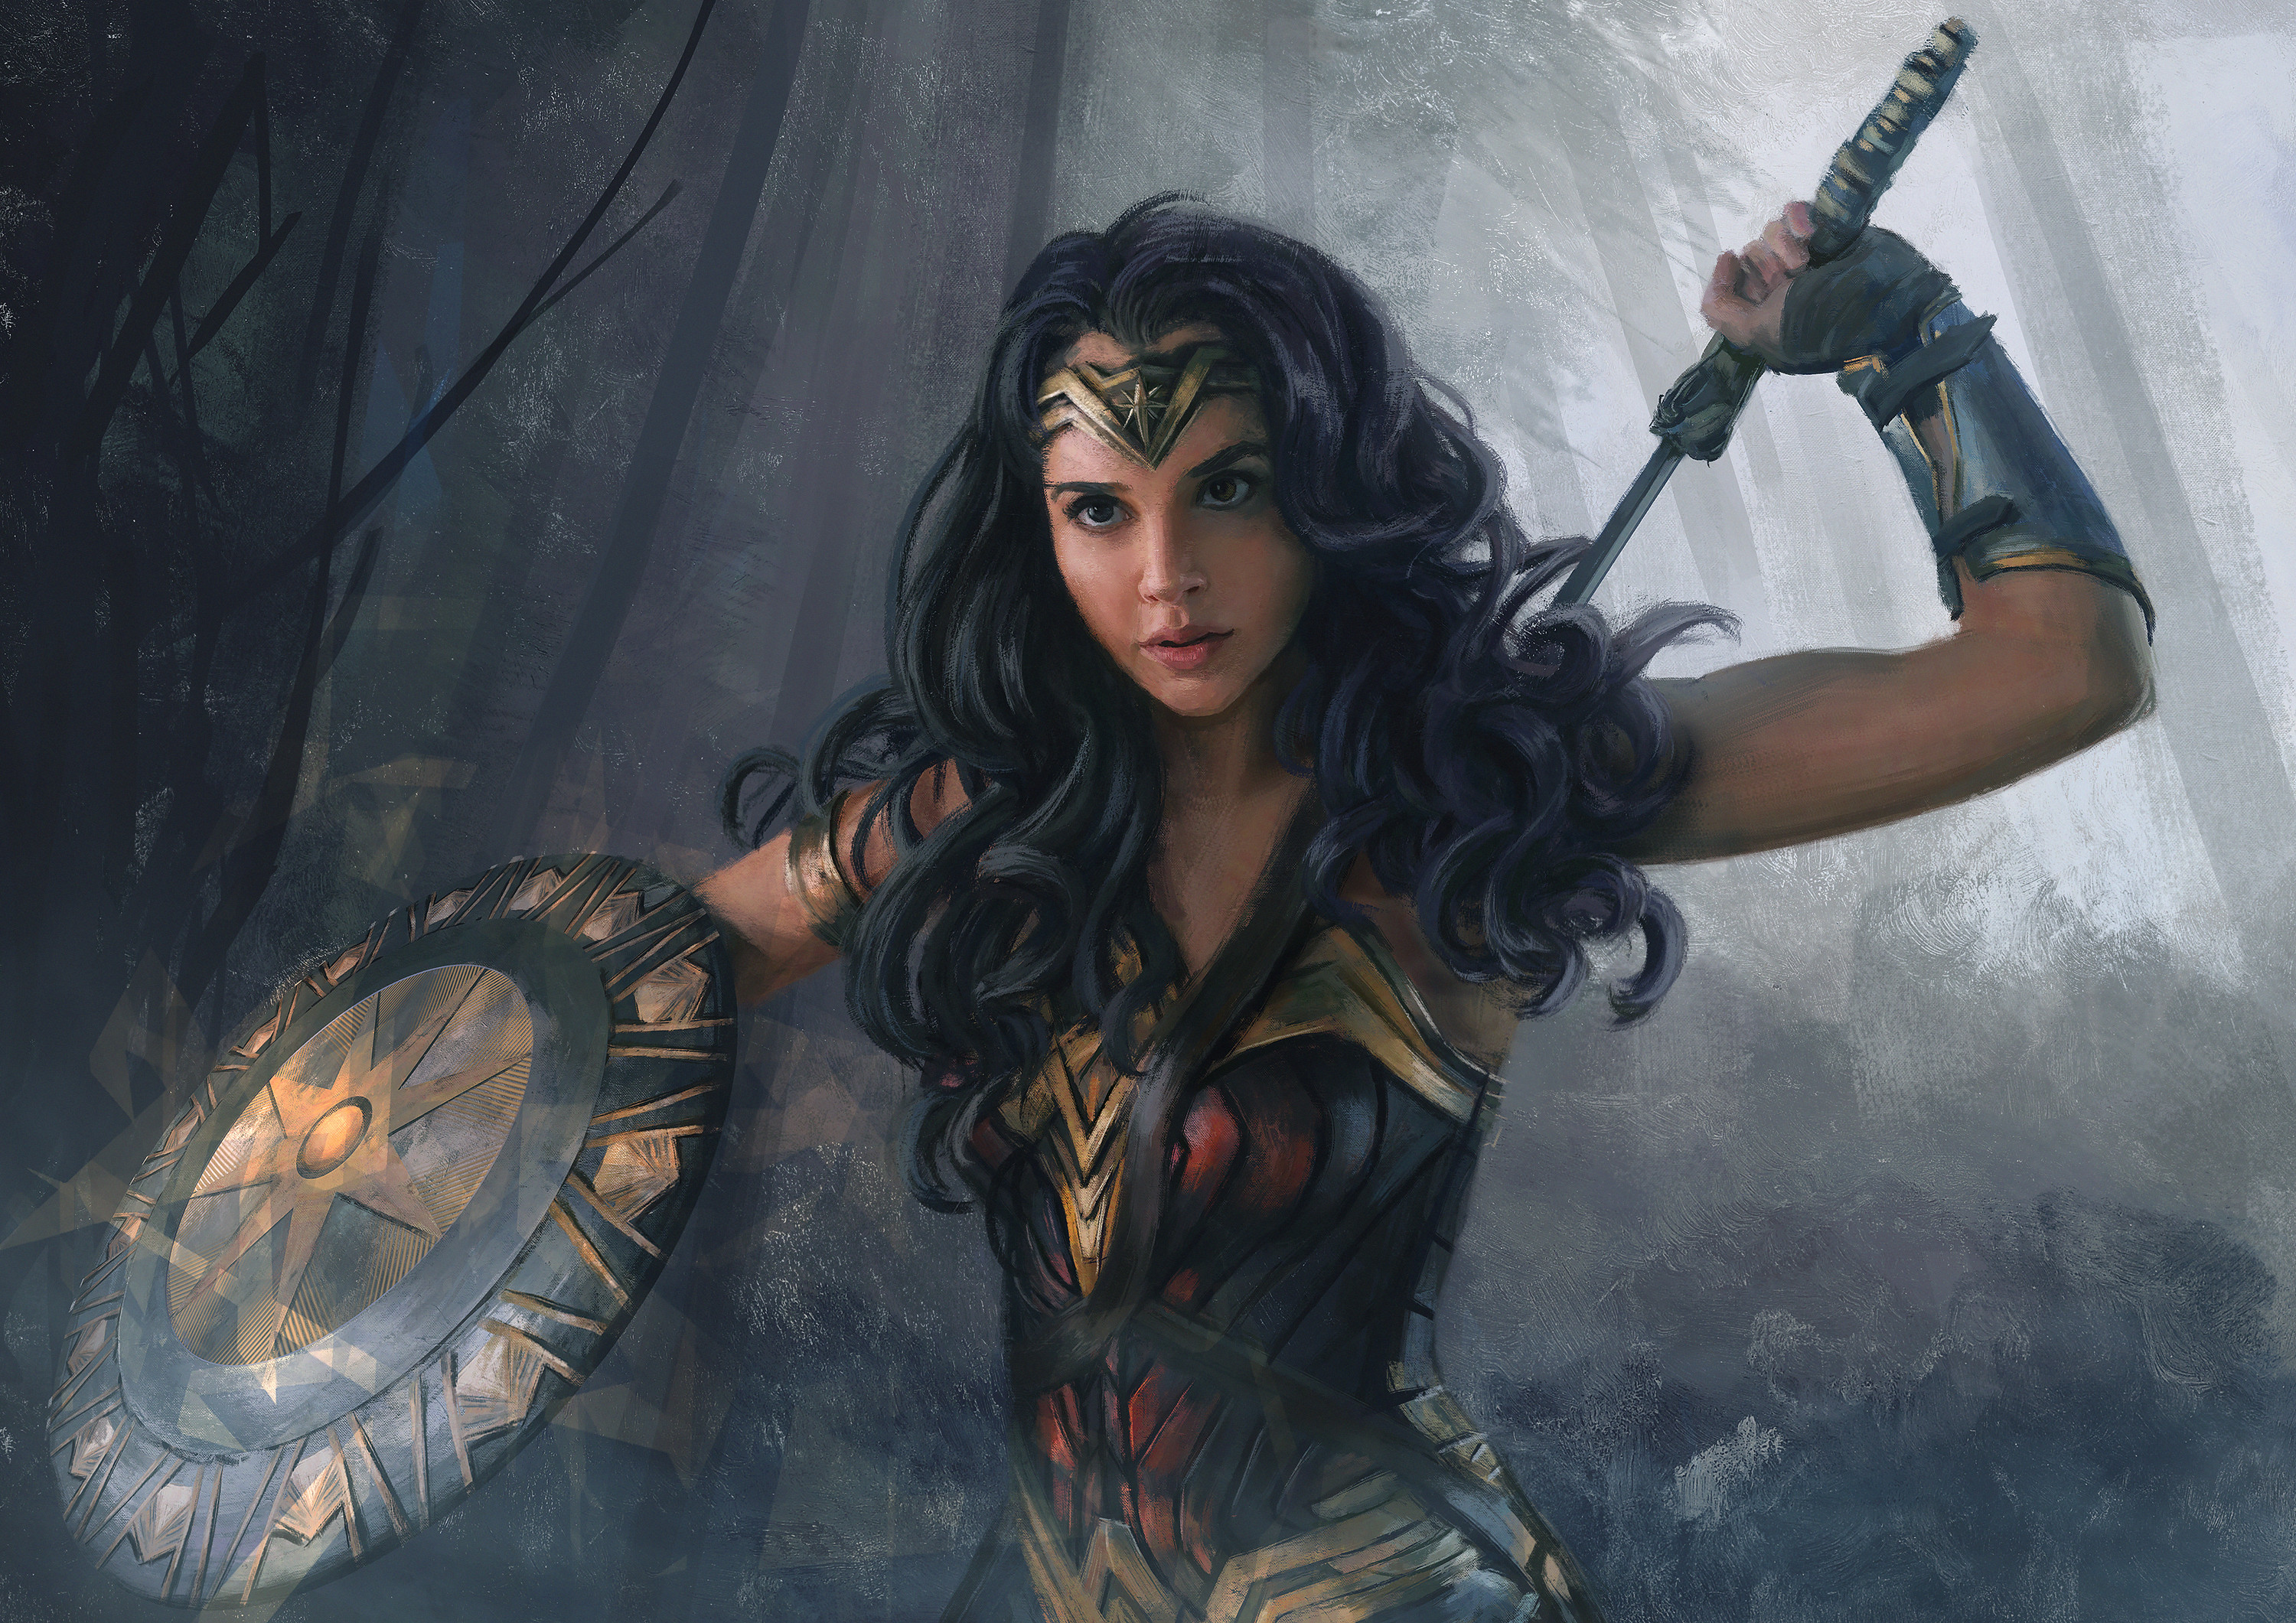 Gal Gadot Artistic Shield Woman Warrior Black Hair 3000x2121